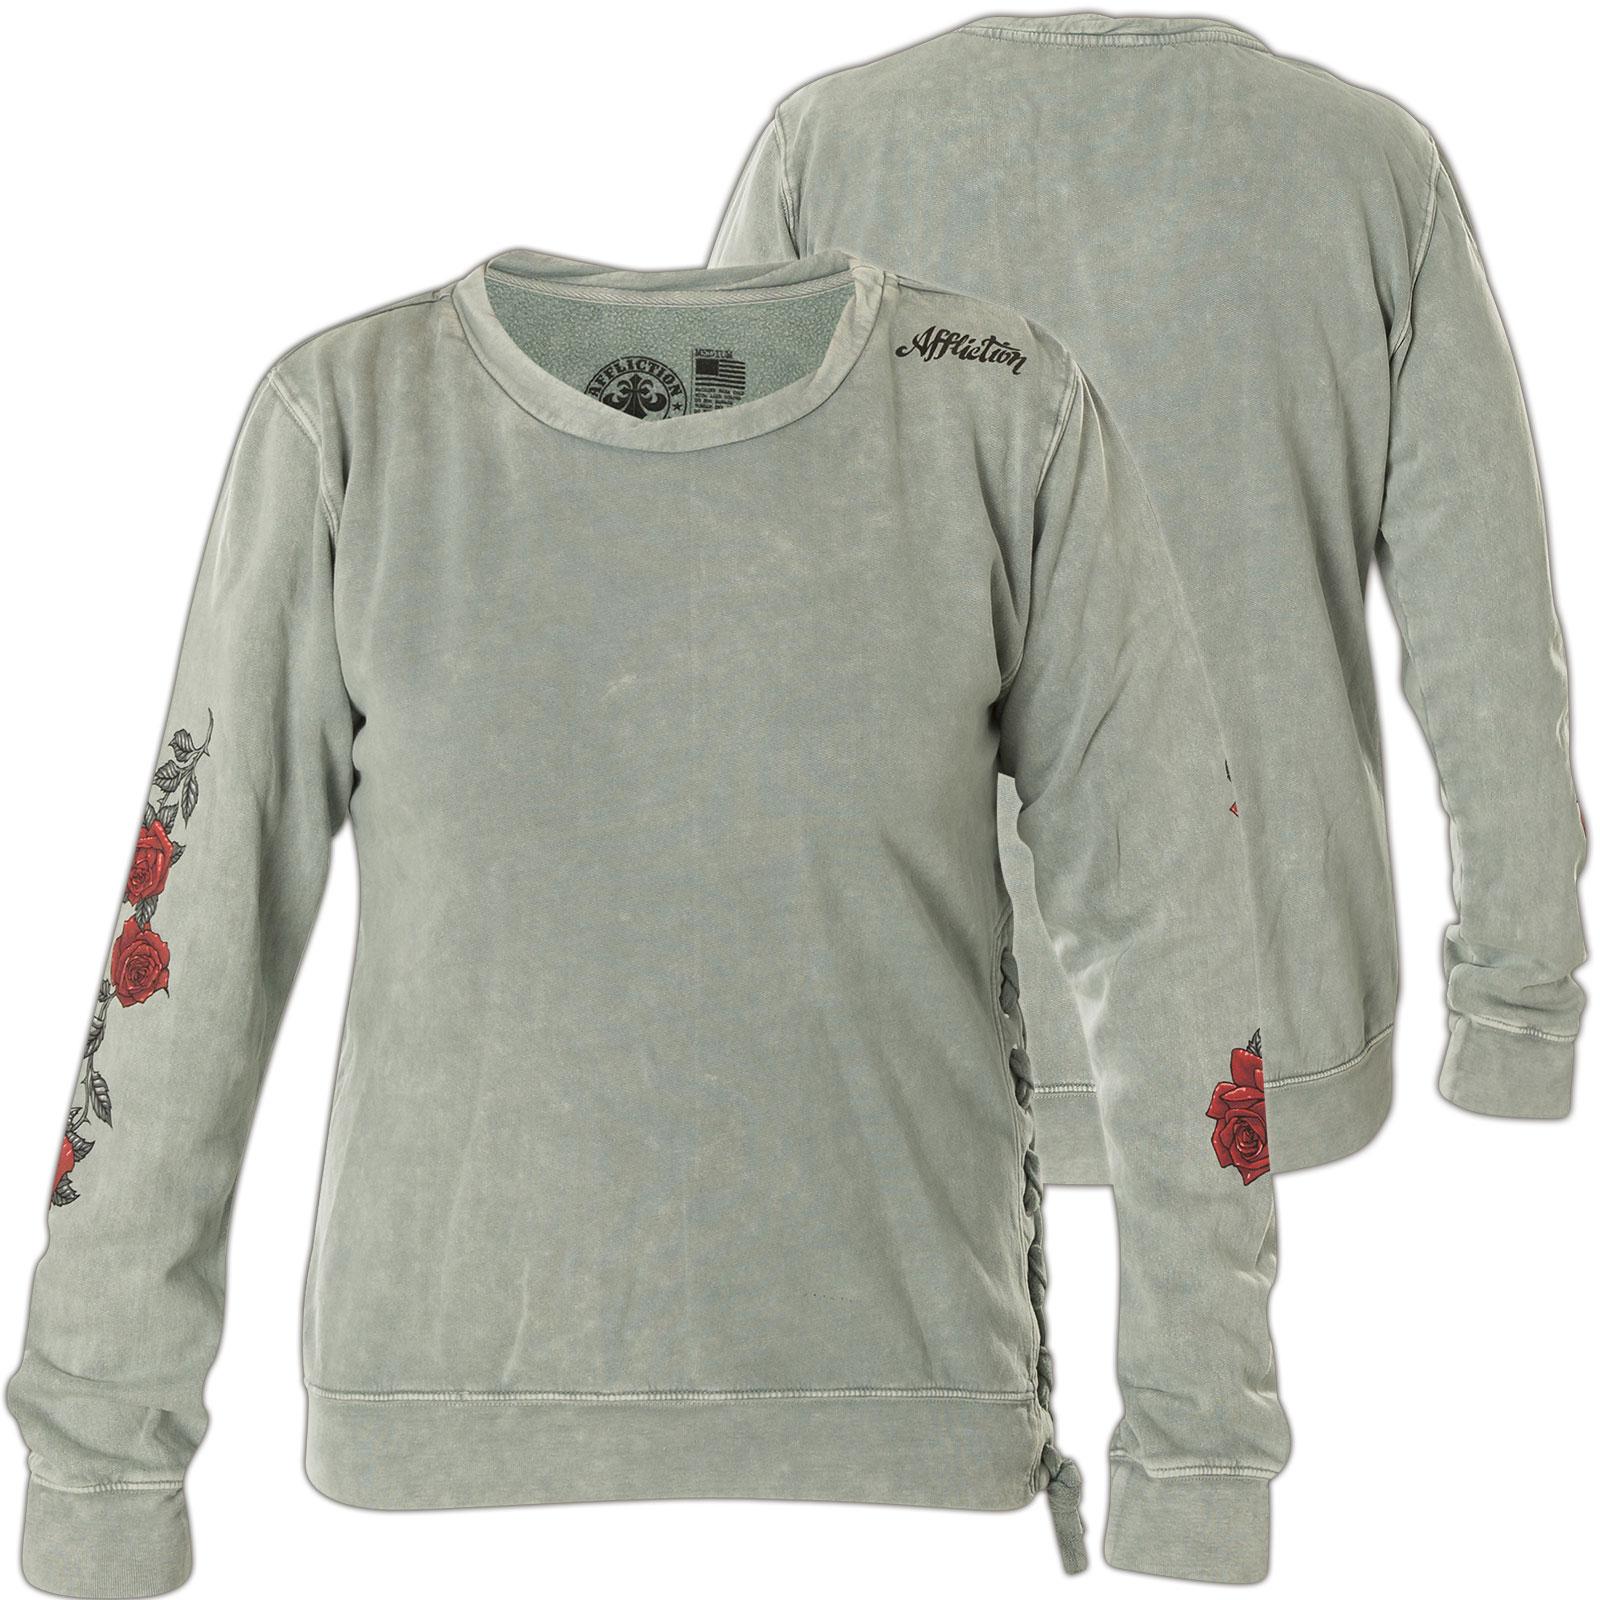 Gutscheincode Vereinigte Staaten Neupreis Affliction Damen Pullover Burning Rose Grau